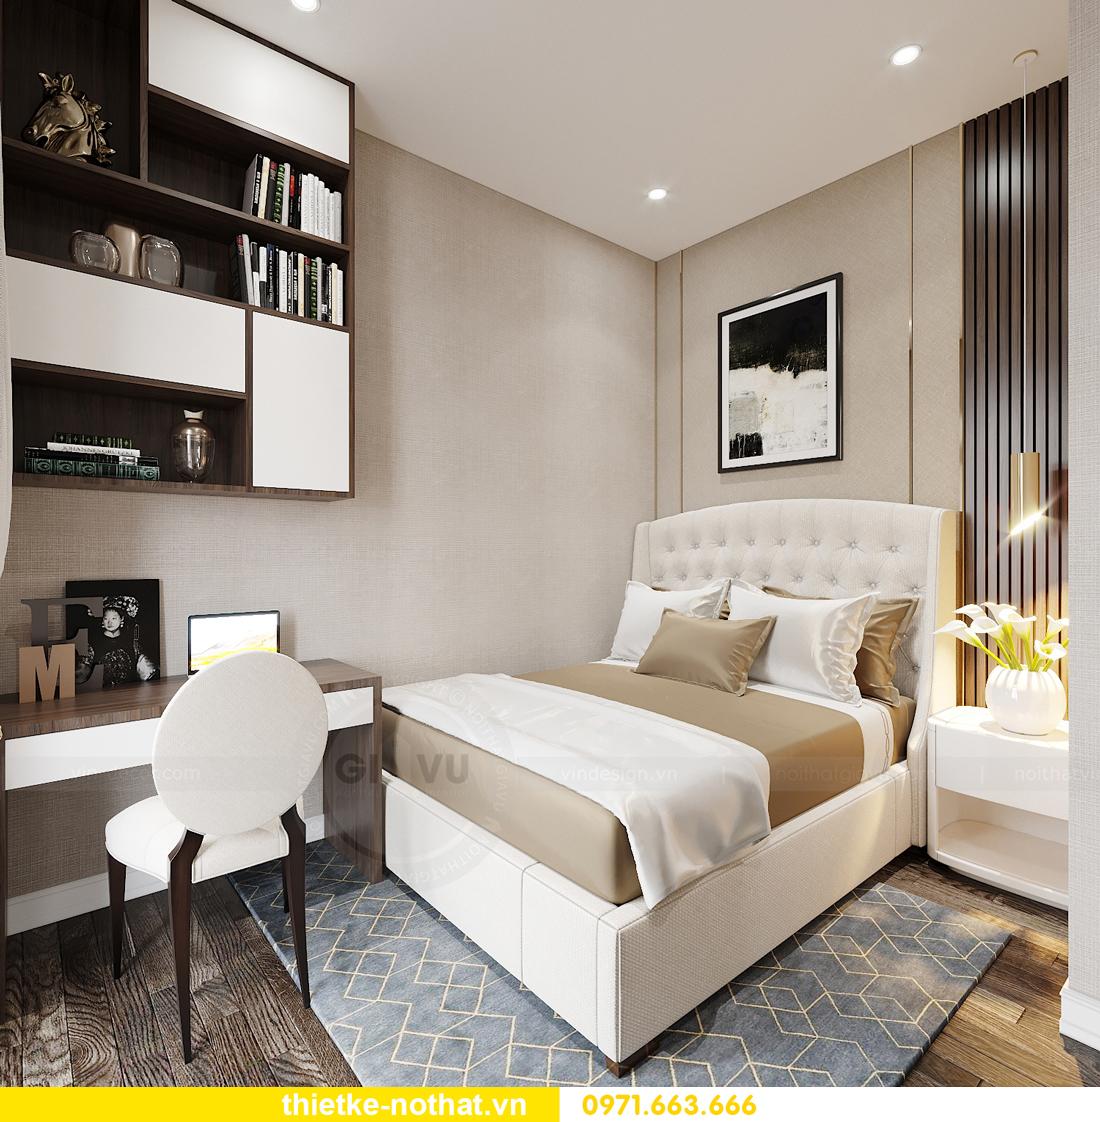 thiết kế nội thất biệt thự tại Vinhomes OCean Park nhà anh Tú 20